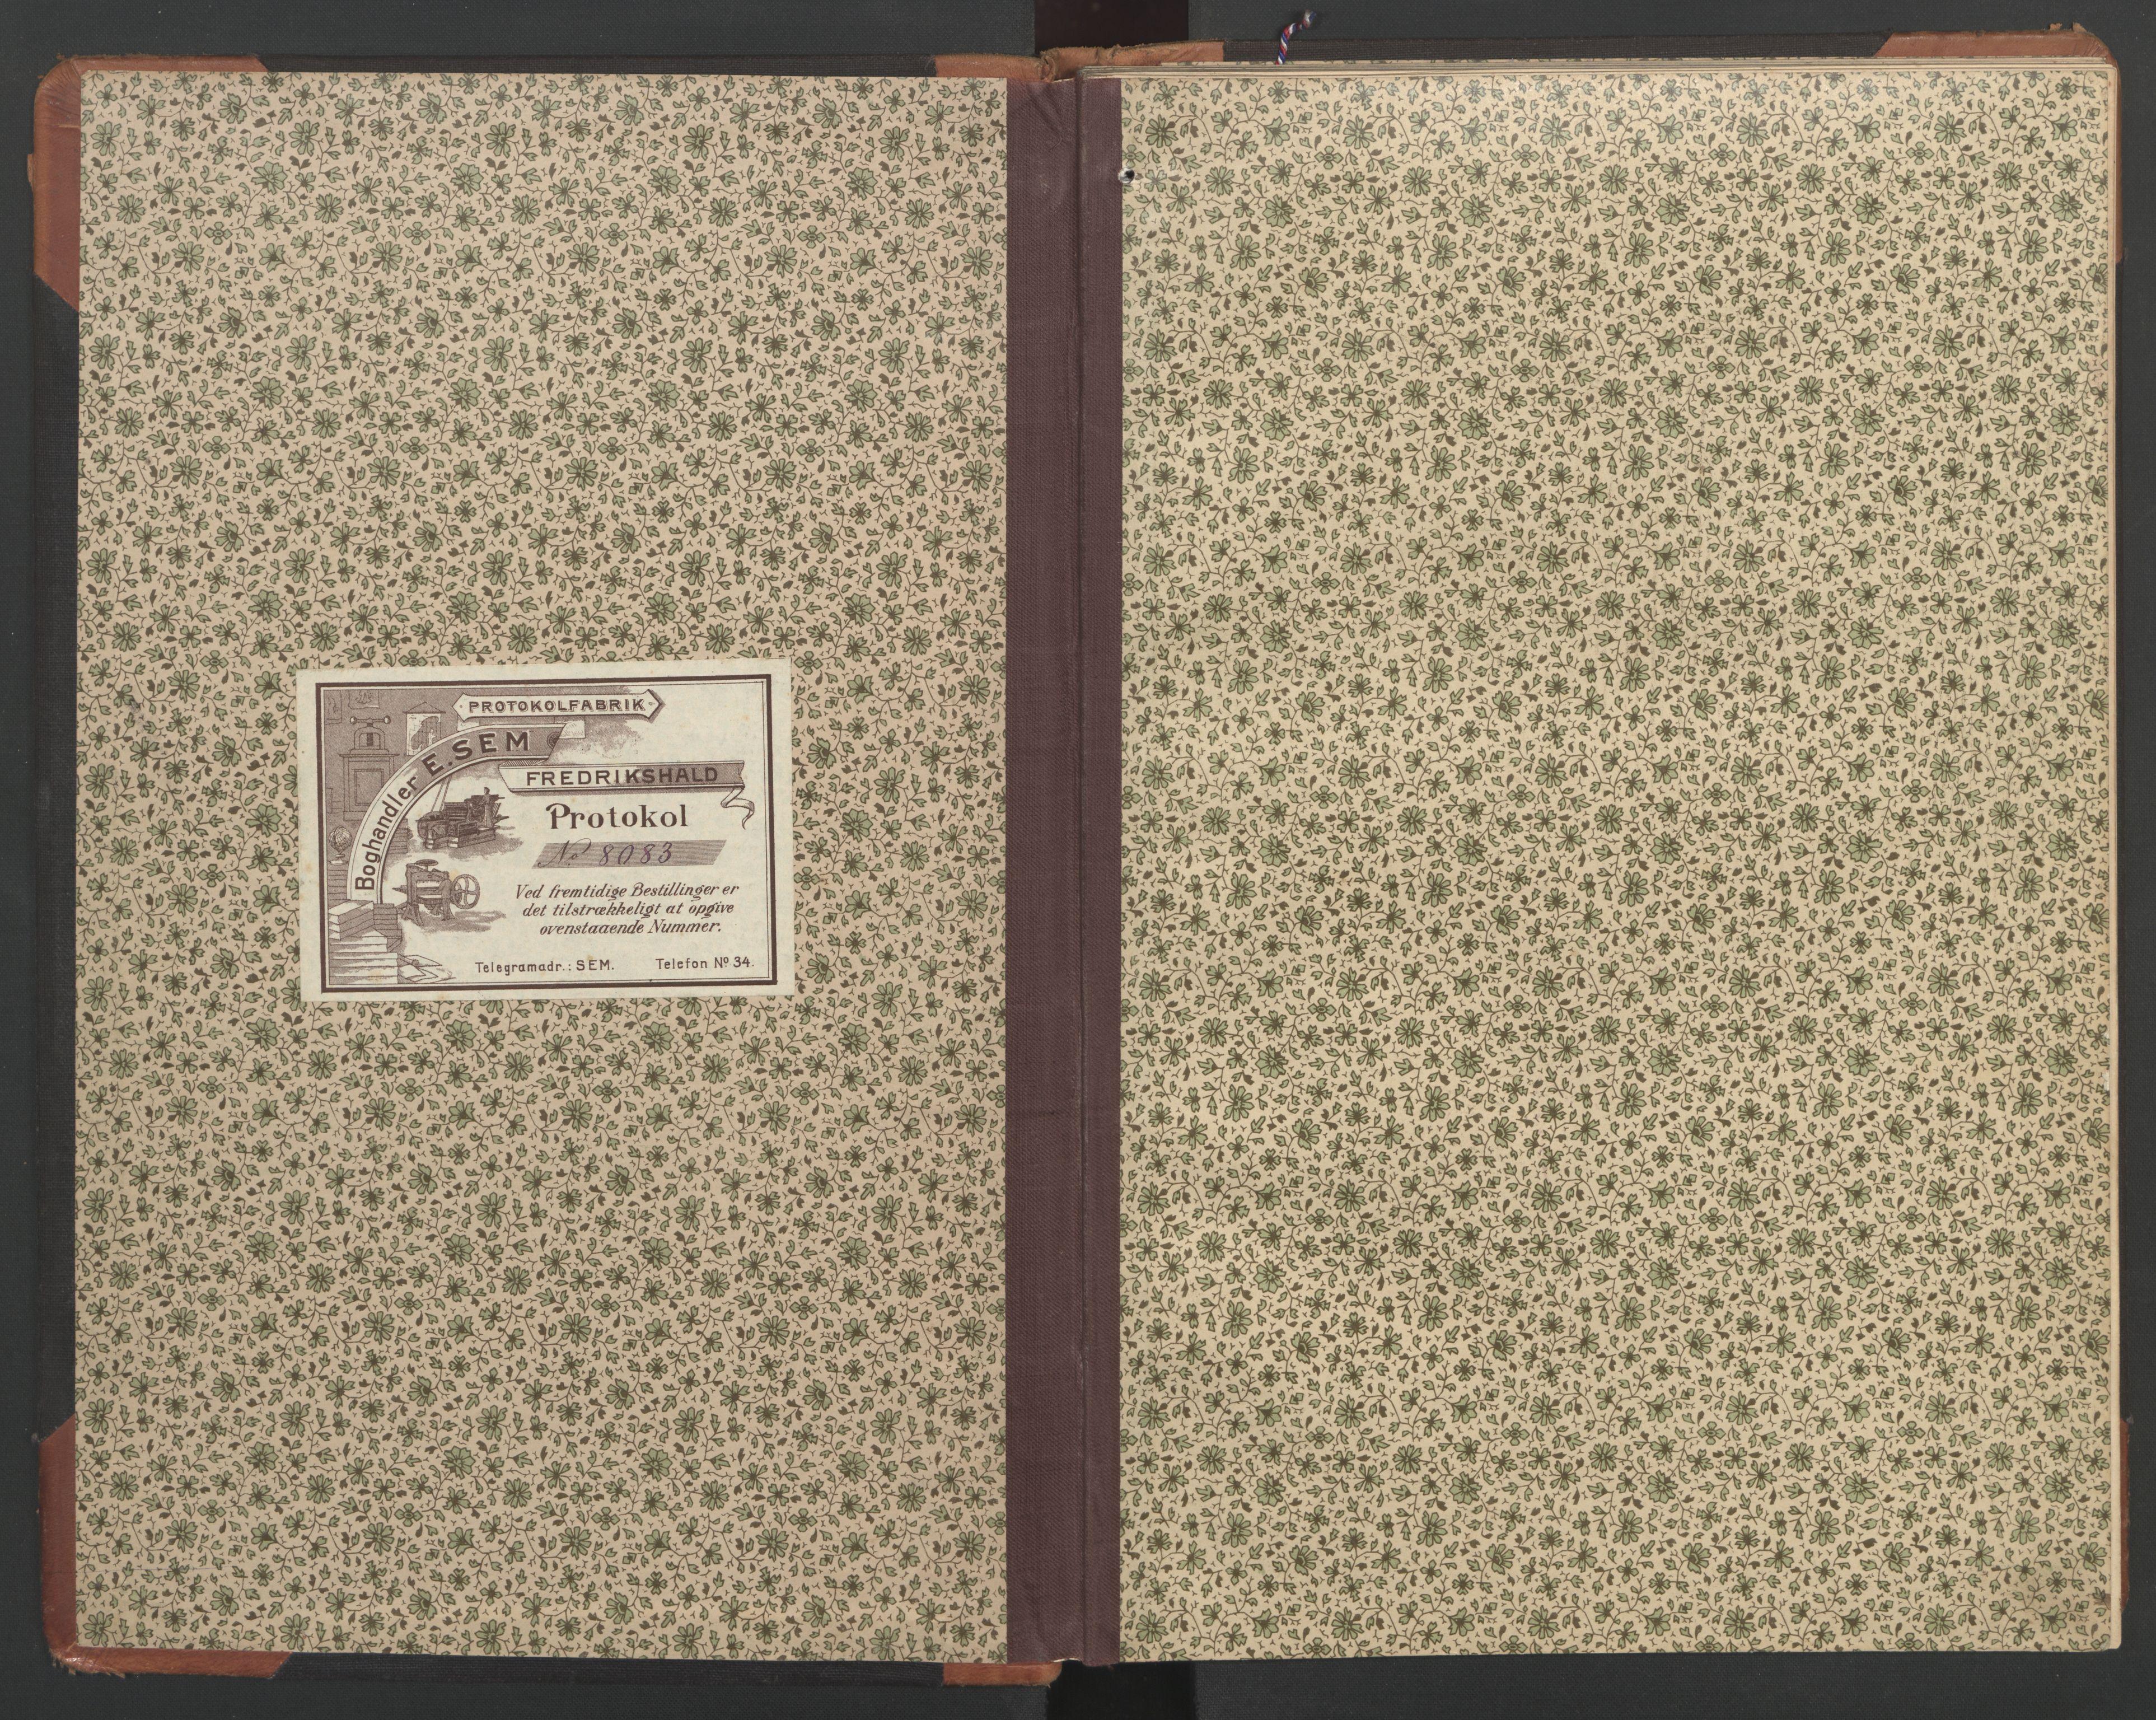 SAT, Ministerialprotokoller, klokkerbøker og fødselsregistre - Nord-Trøndelag, 748/L0465: Klokkerbok nr. 748C01, 1908-1960